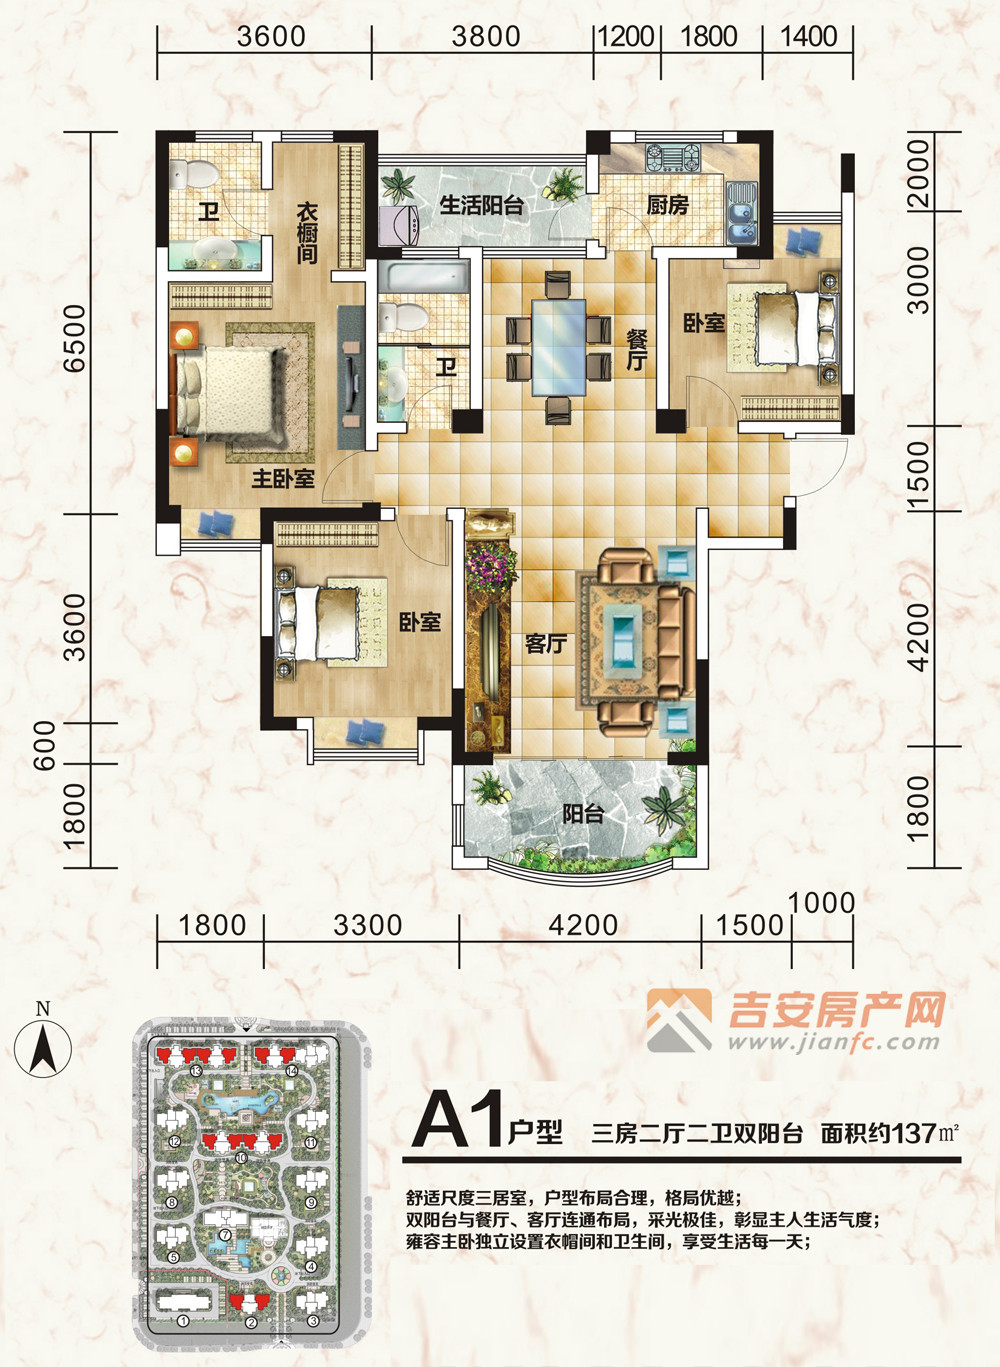 一楼三房一厅一卫设计图